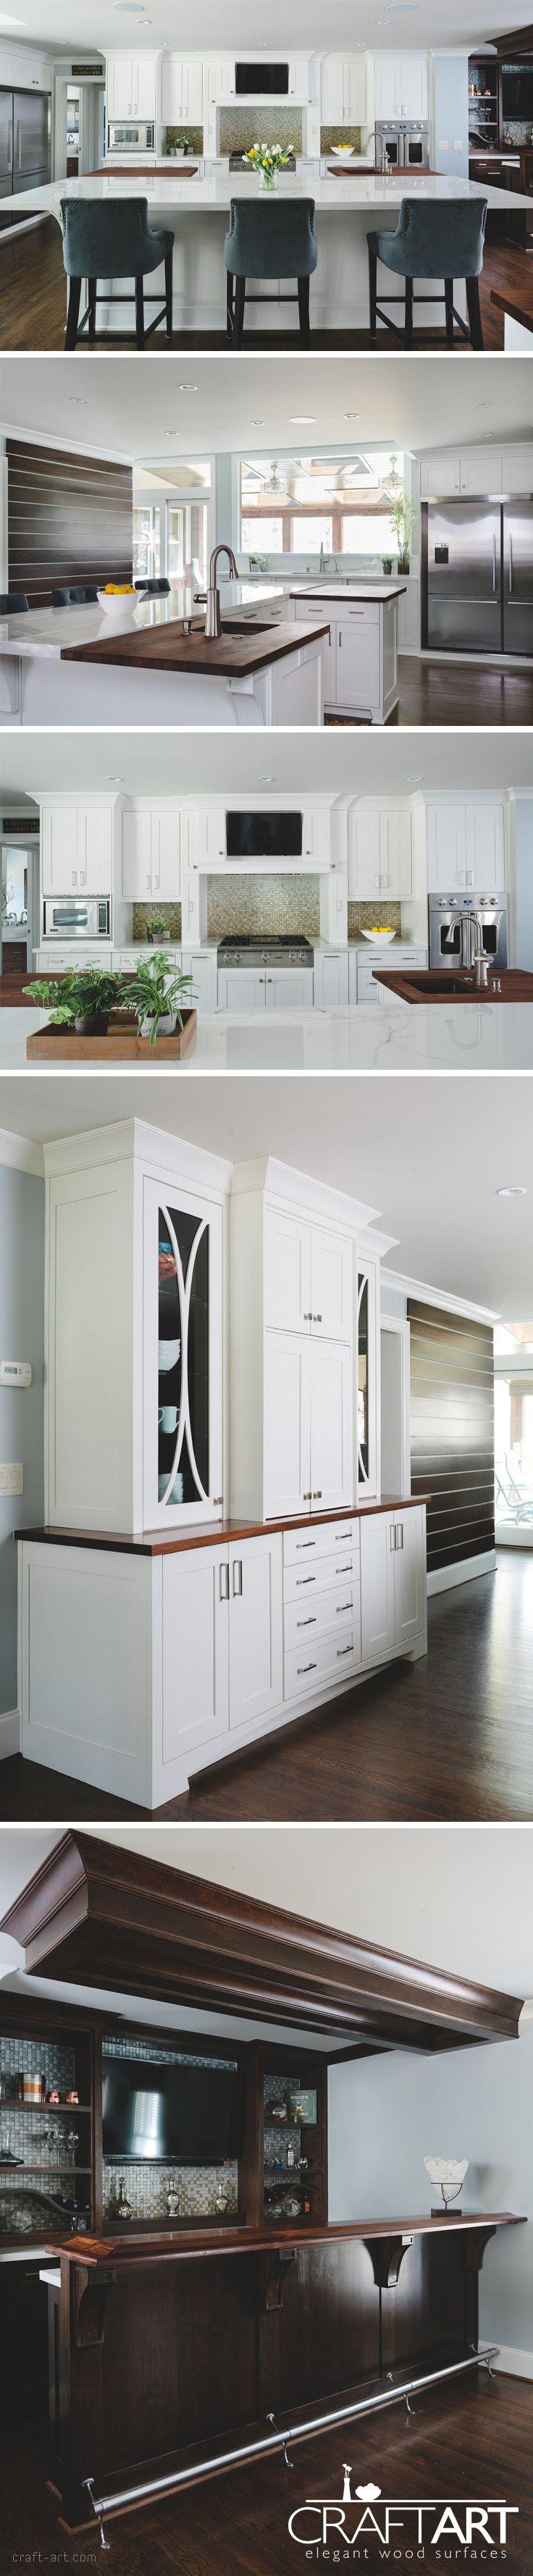 Kitchen craft cabinets atlanta - Stunning Craft Art Kitchen